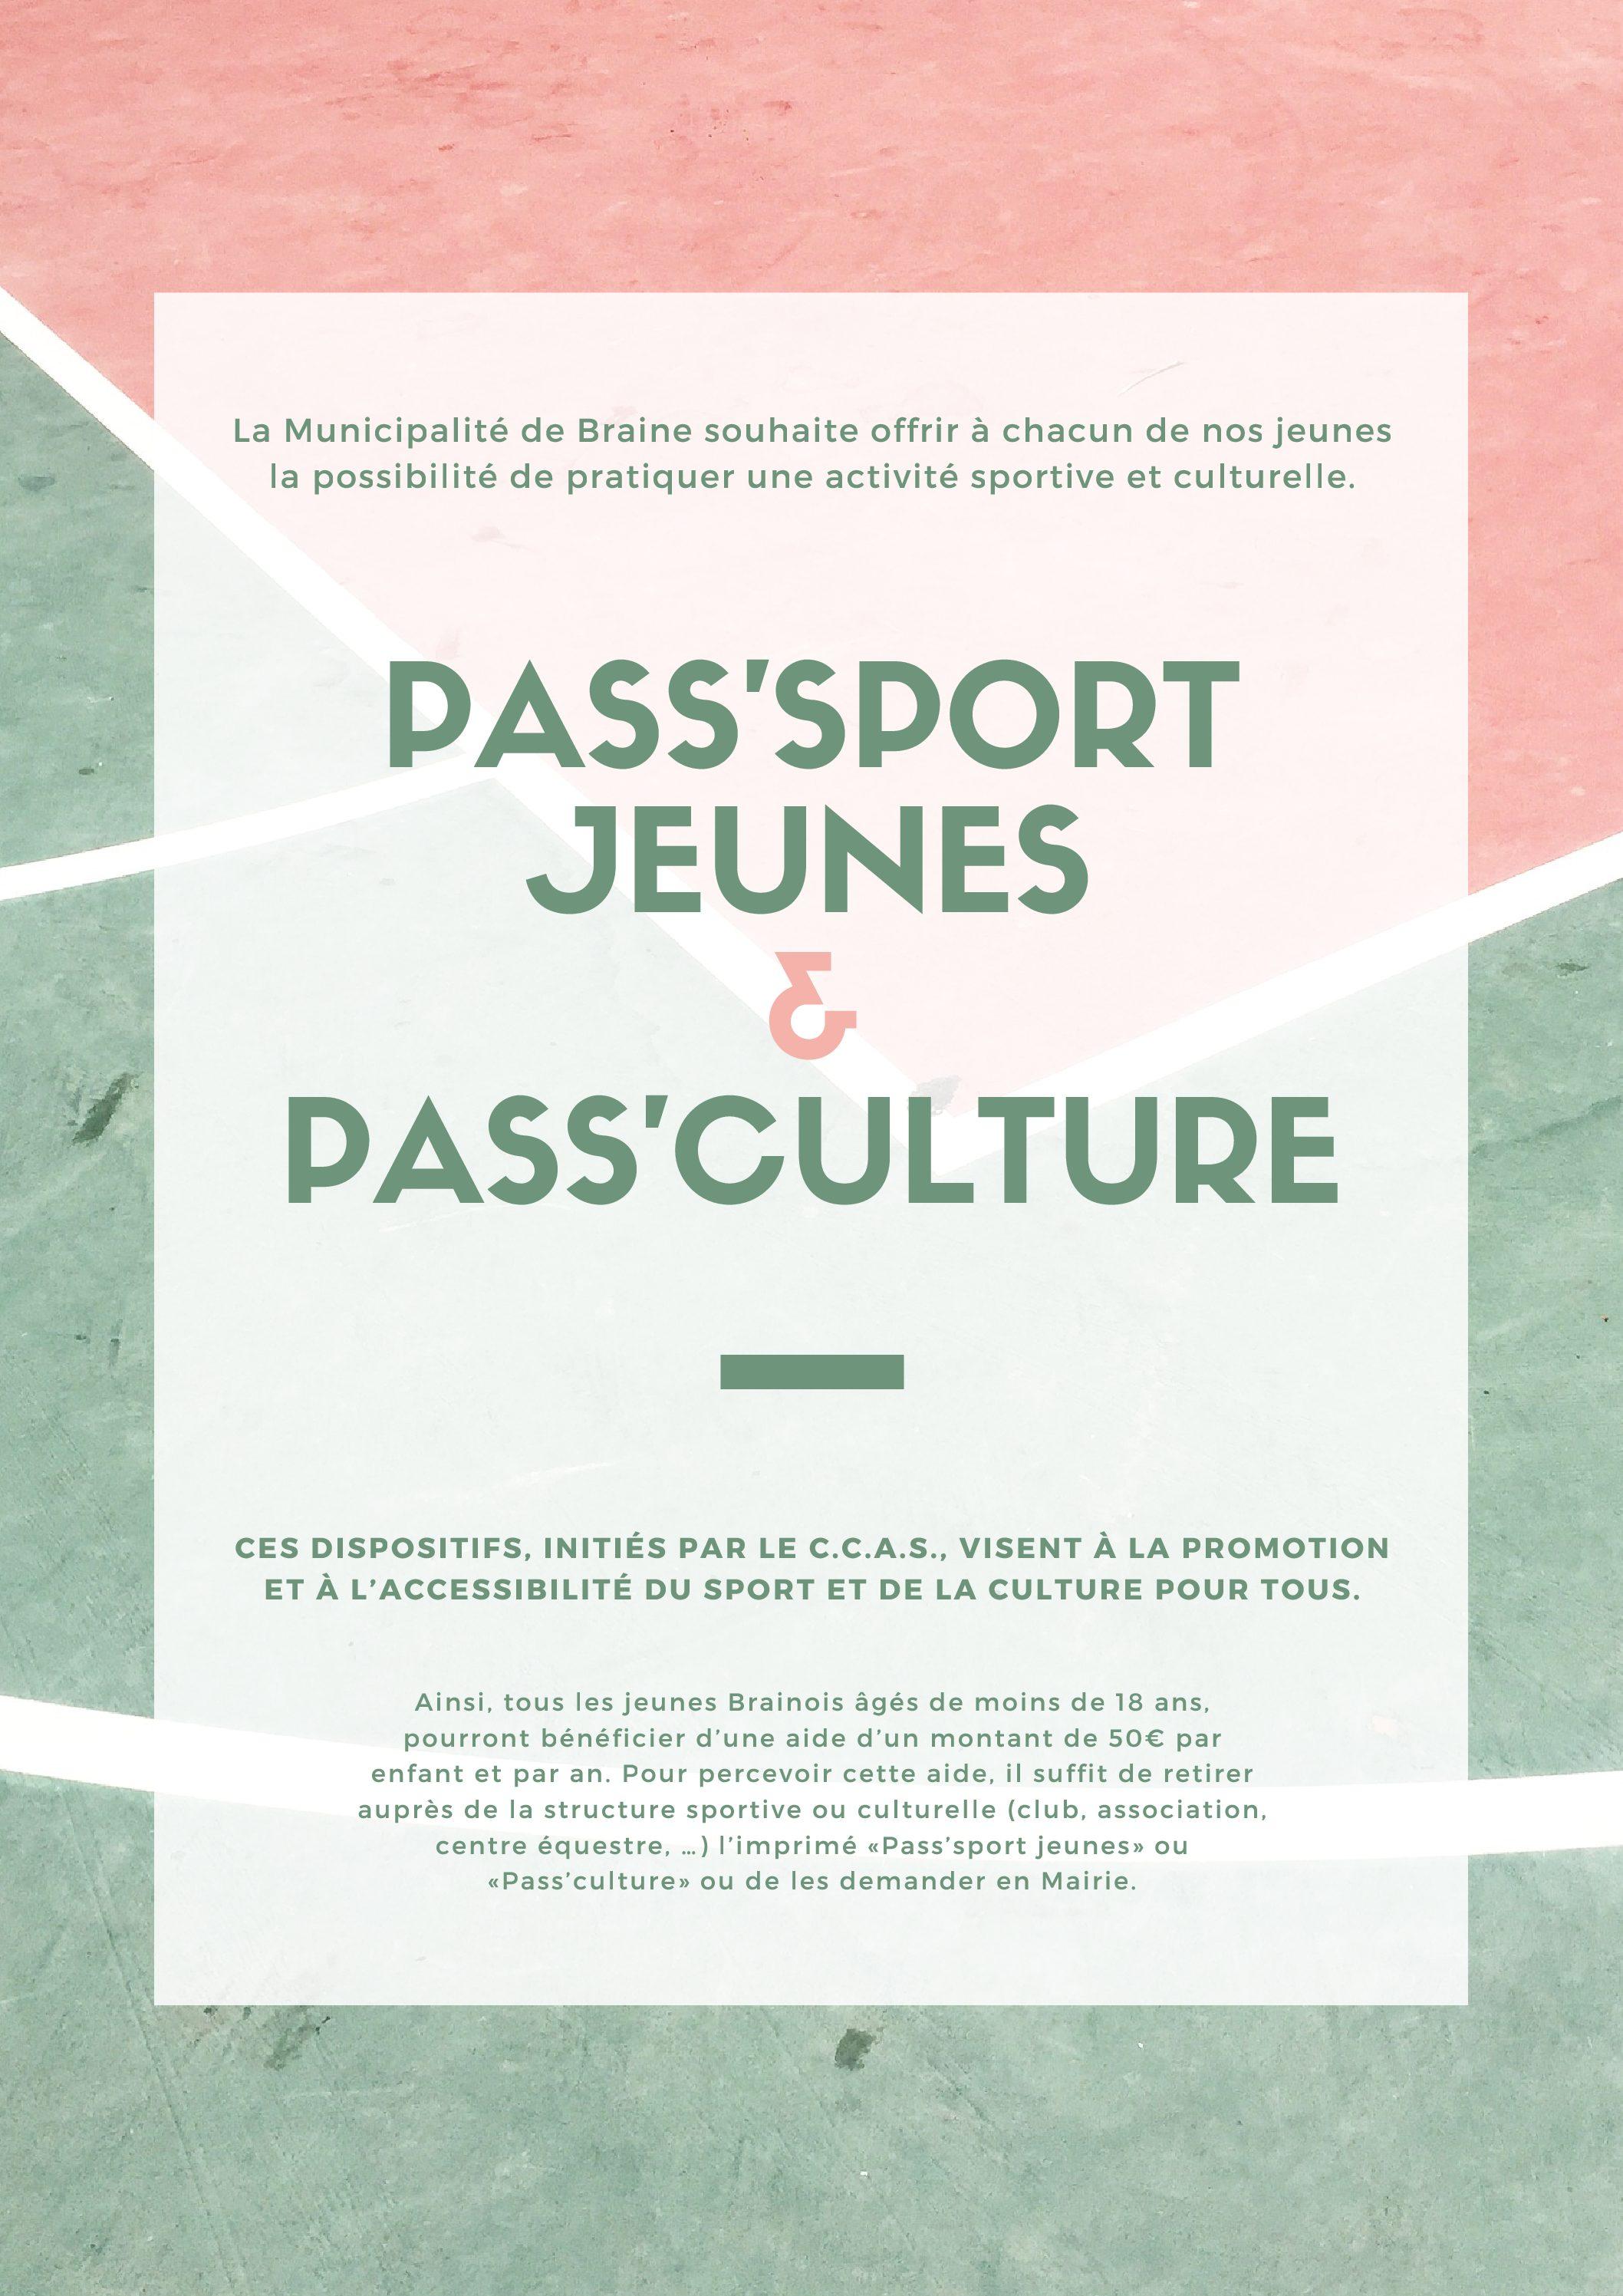 Pass'sport jeunes – Pass'culture